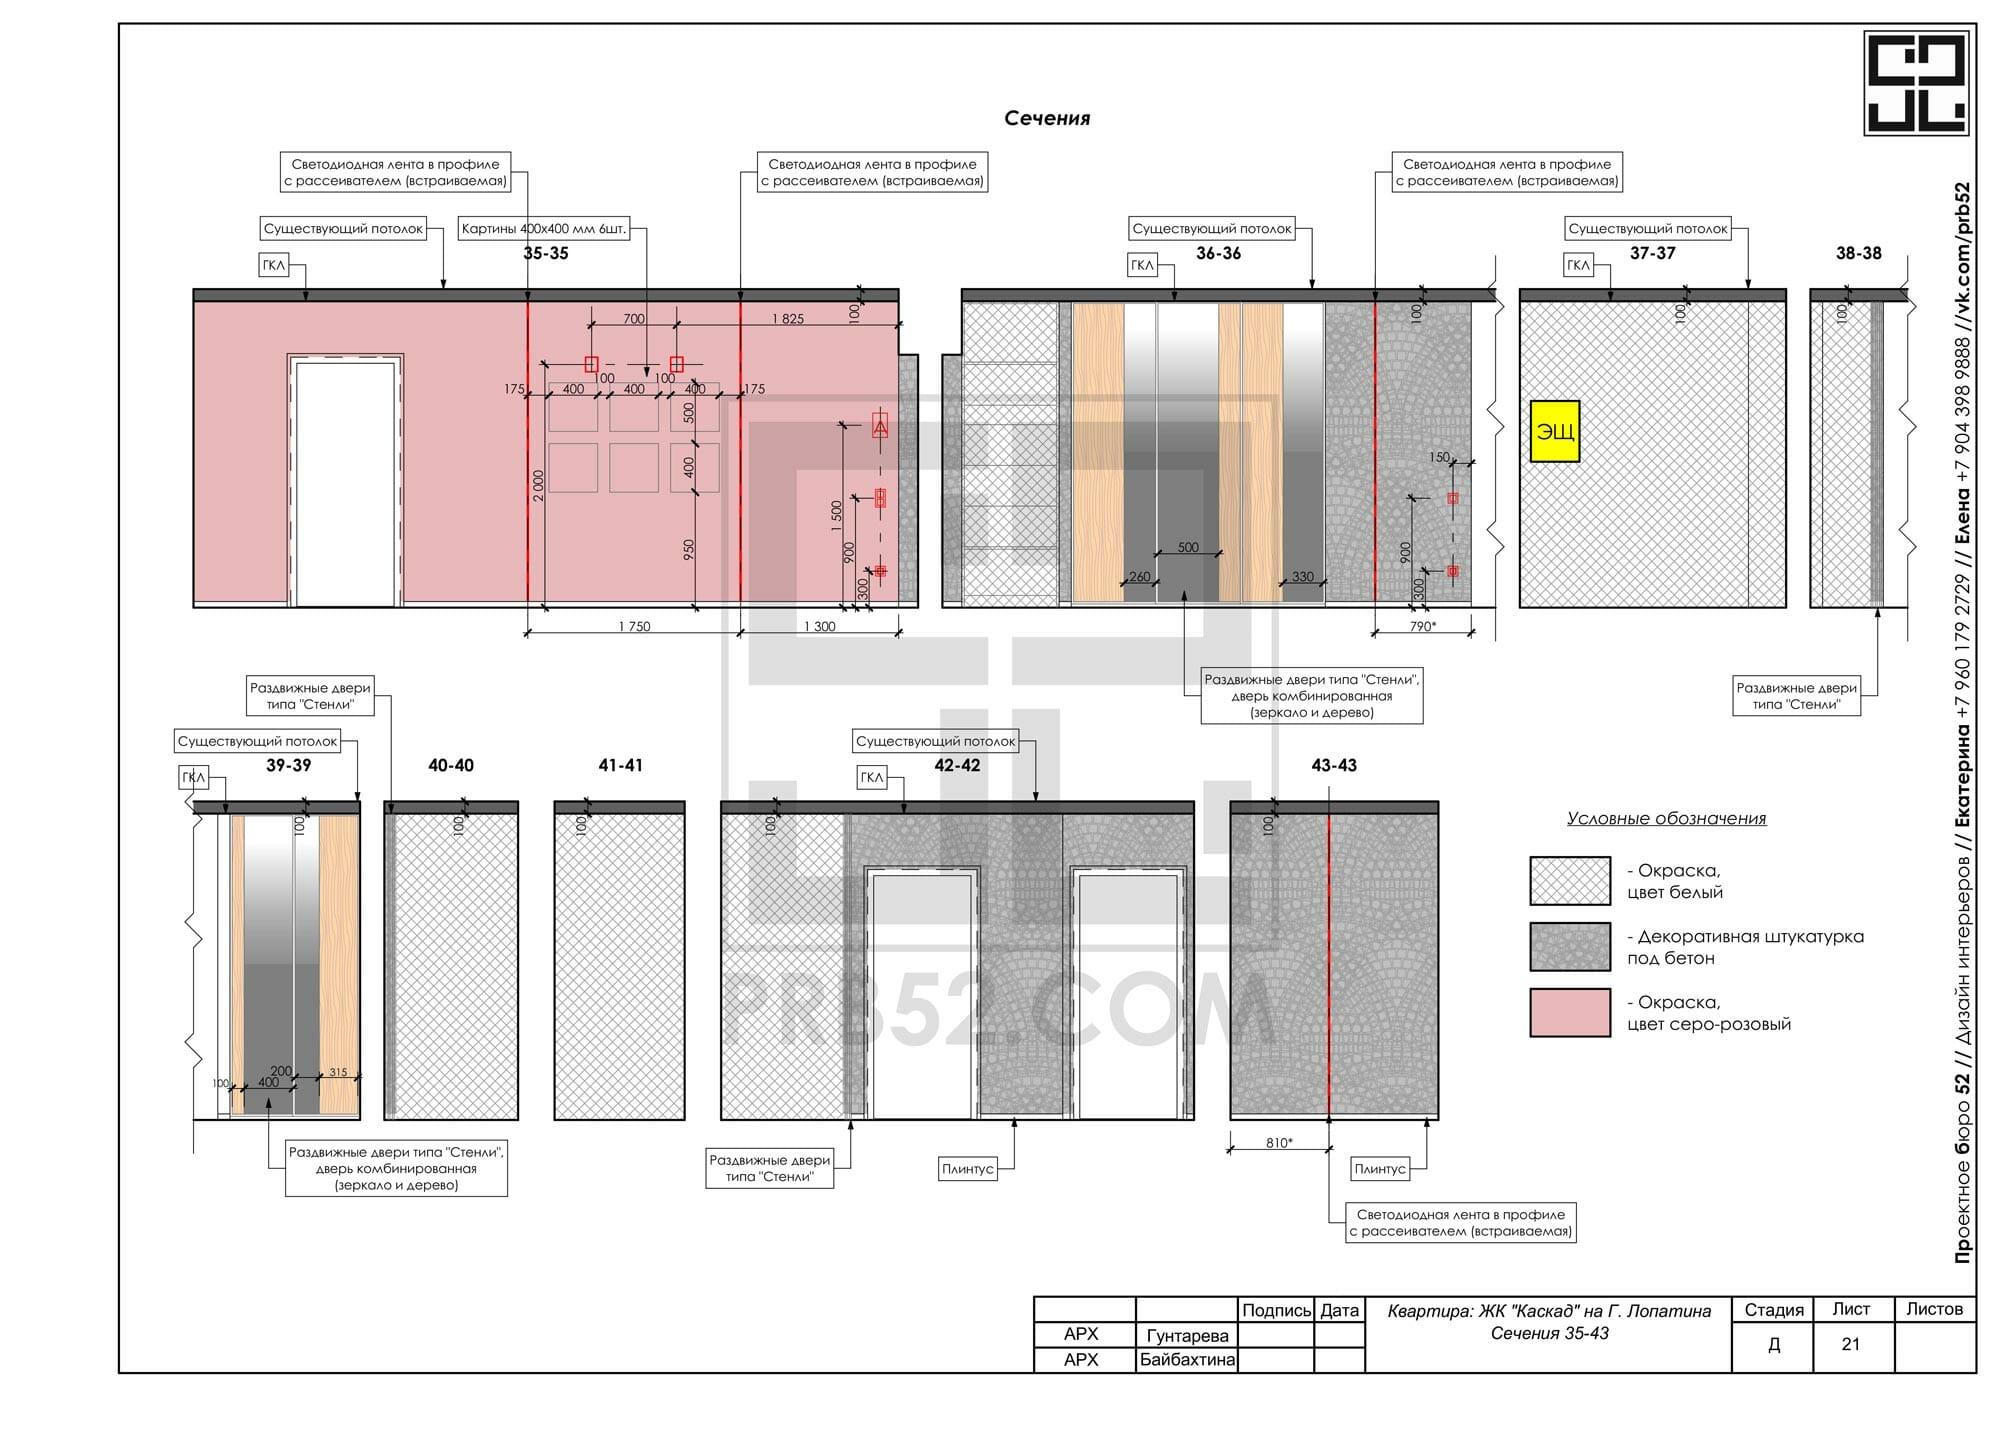 дизайн интерьера планы развертки сечения